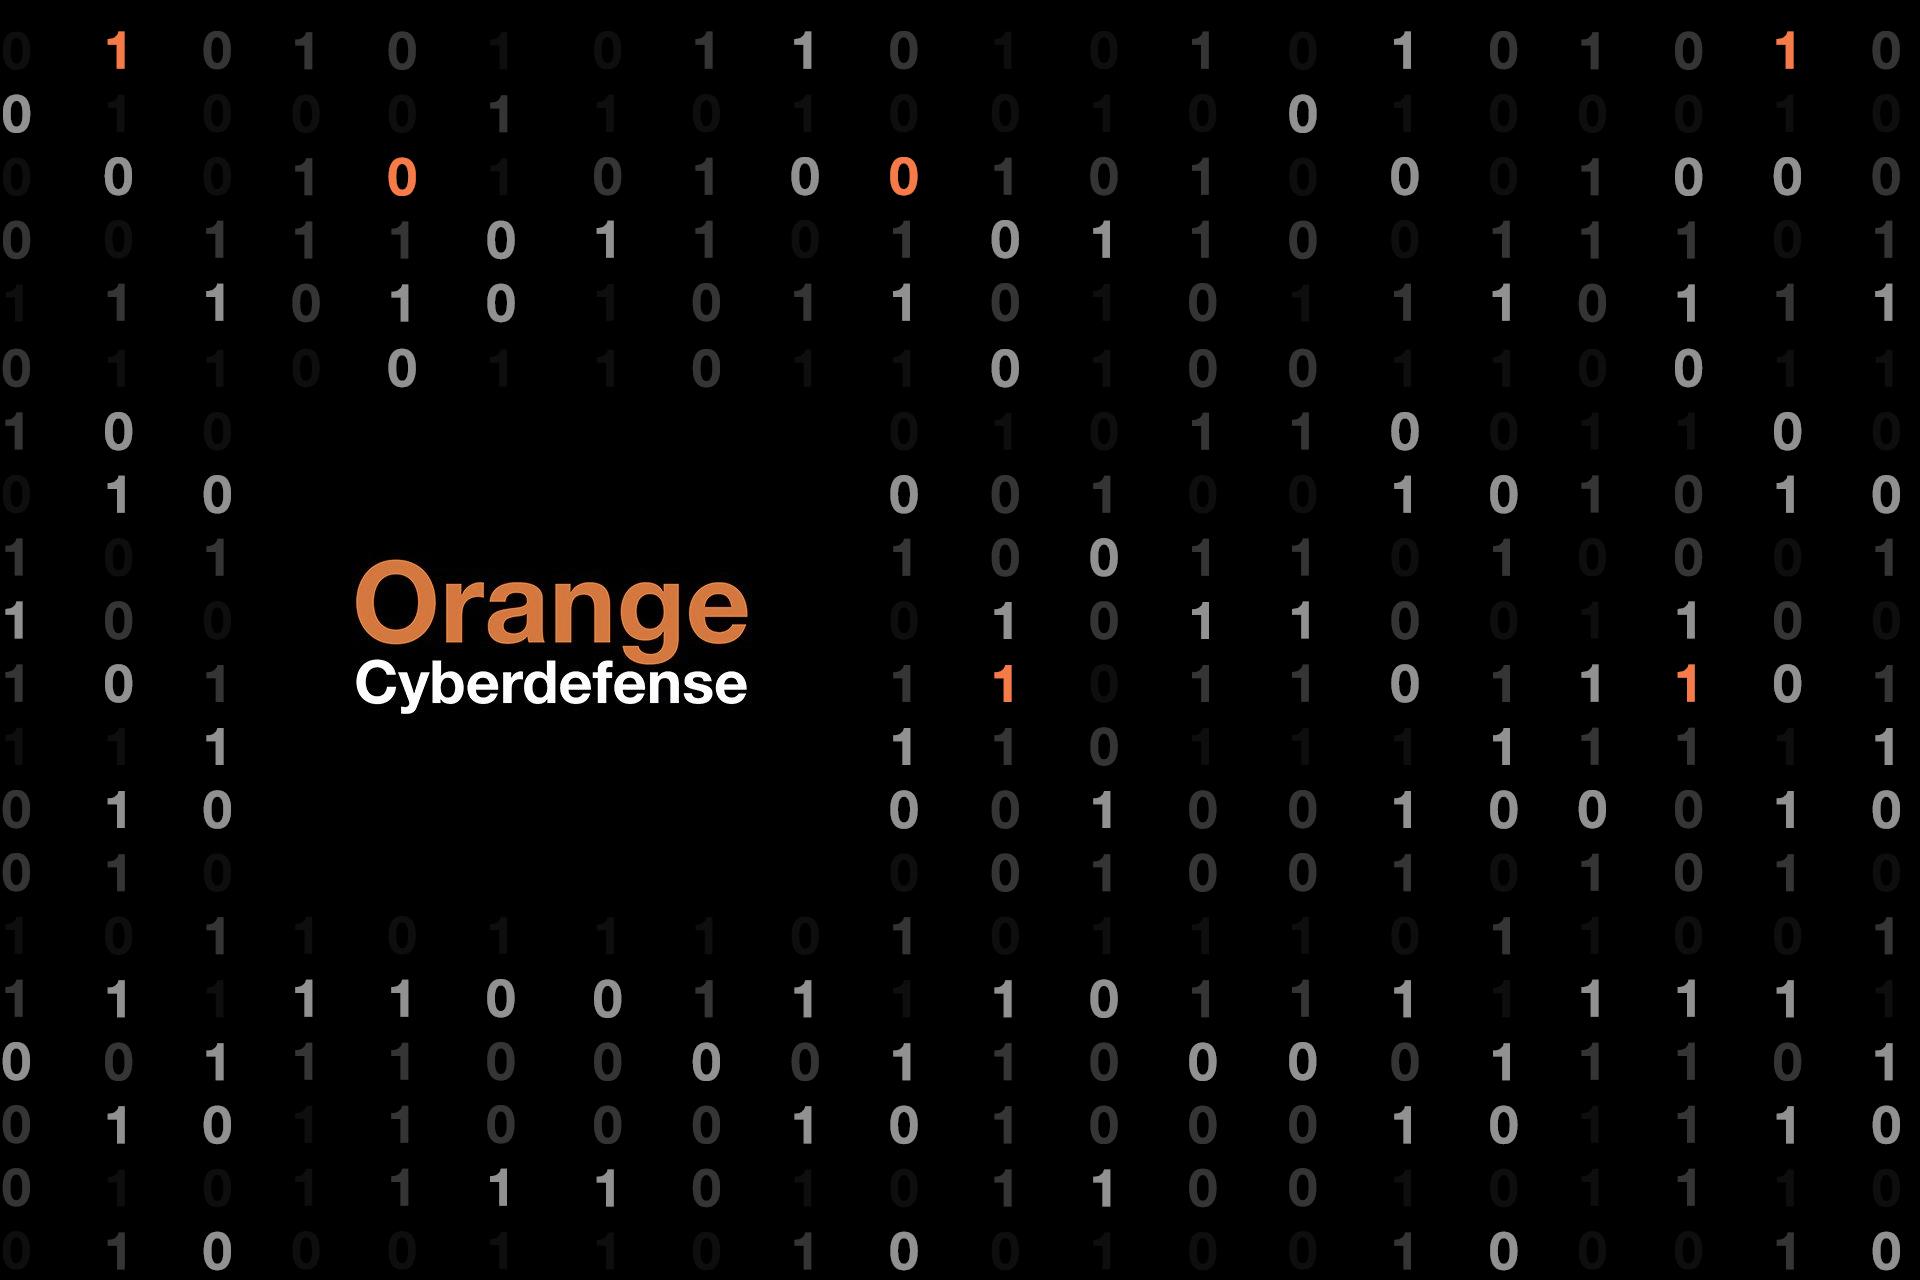 Nach Frankreich unterstützt Orange Cyberdefense nun auch den E-Mail-Schutz europäischer Unternehmen mit der Lösung von Vade Secure